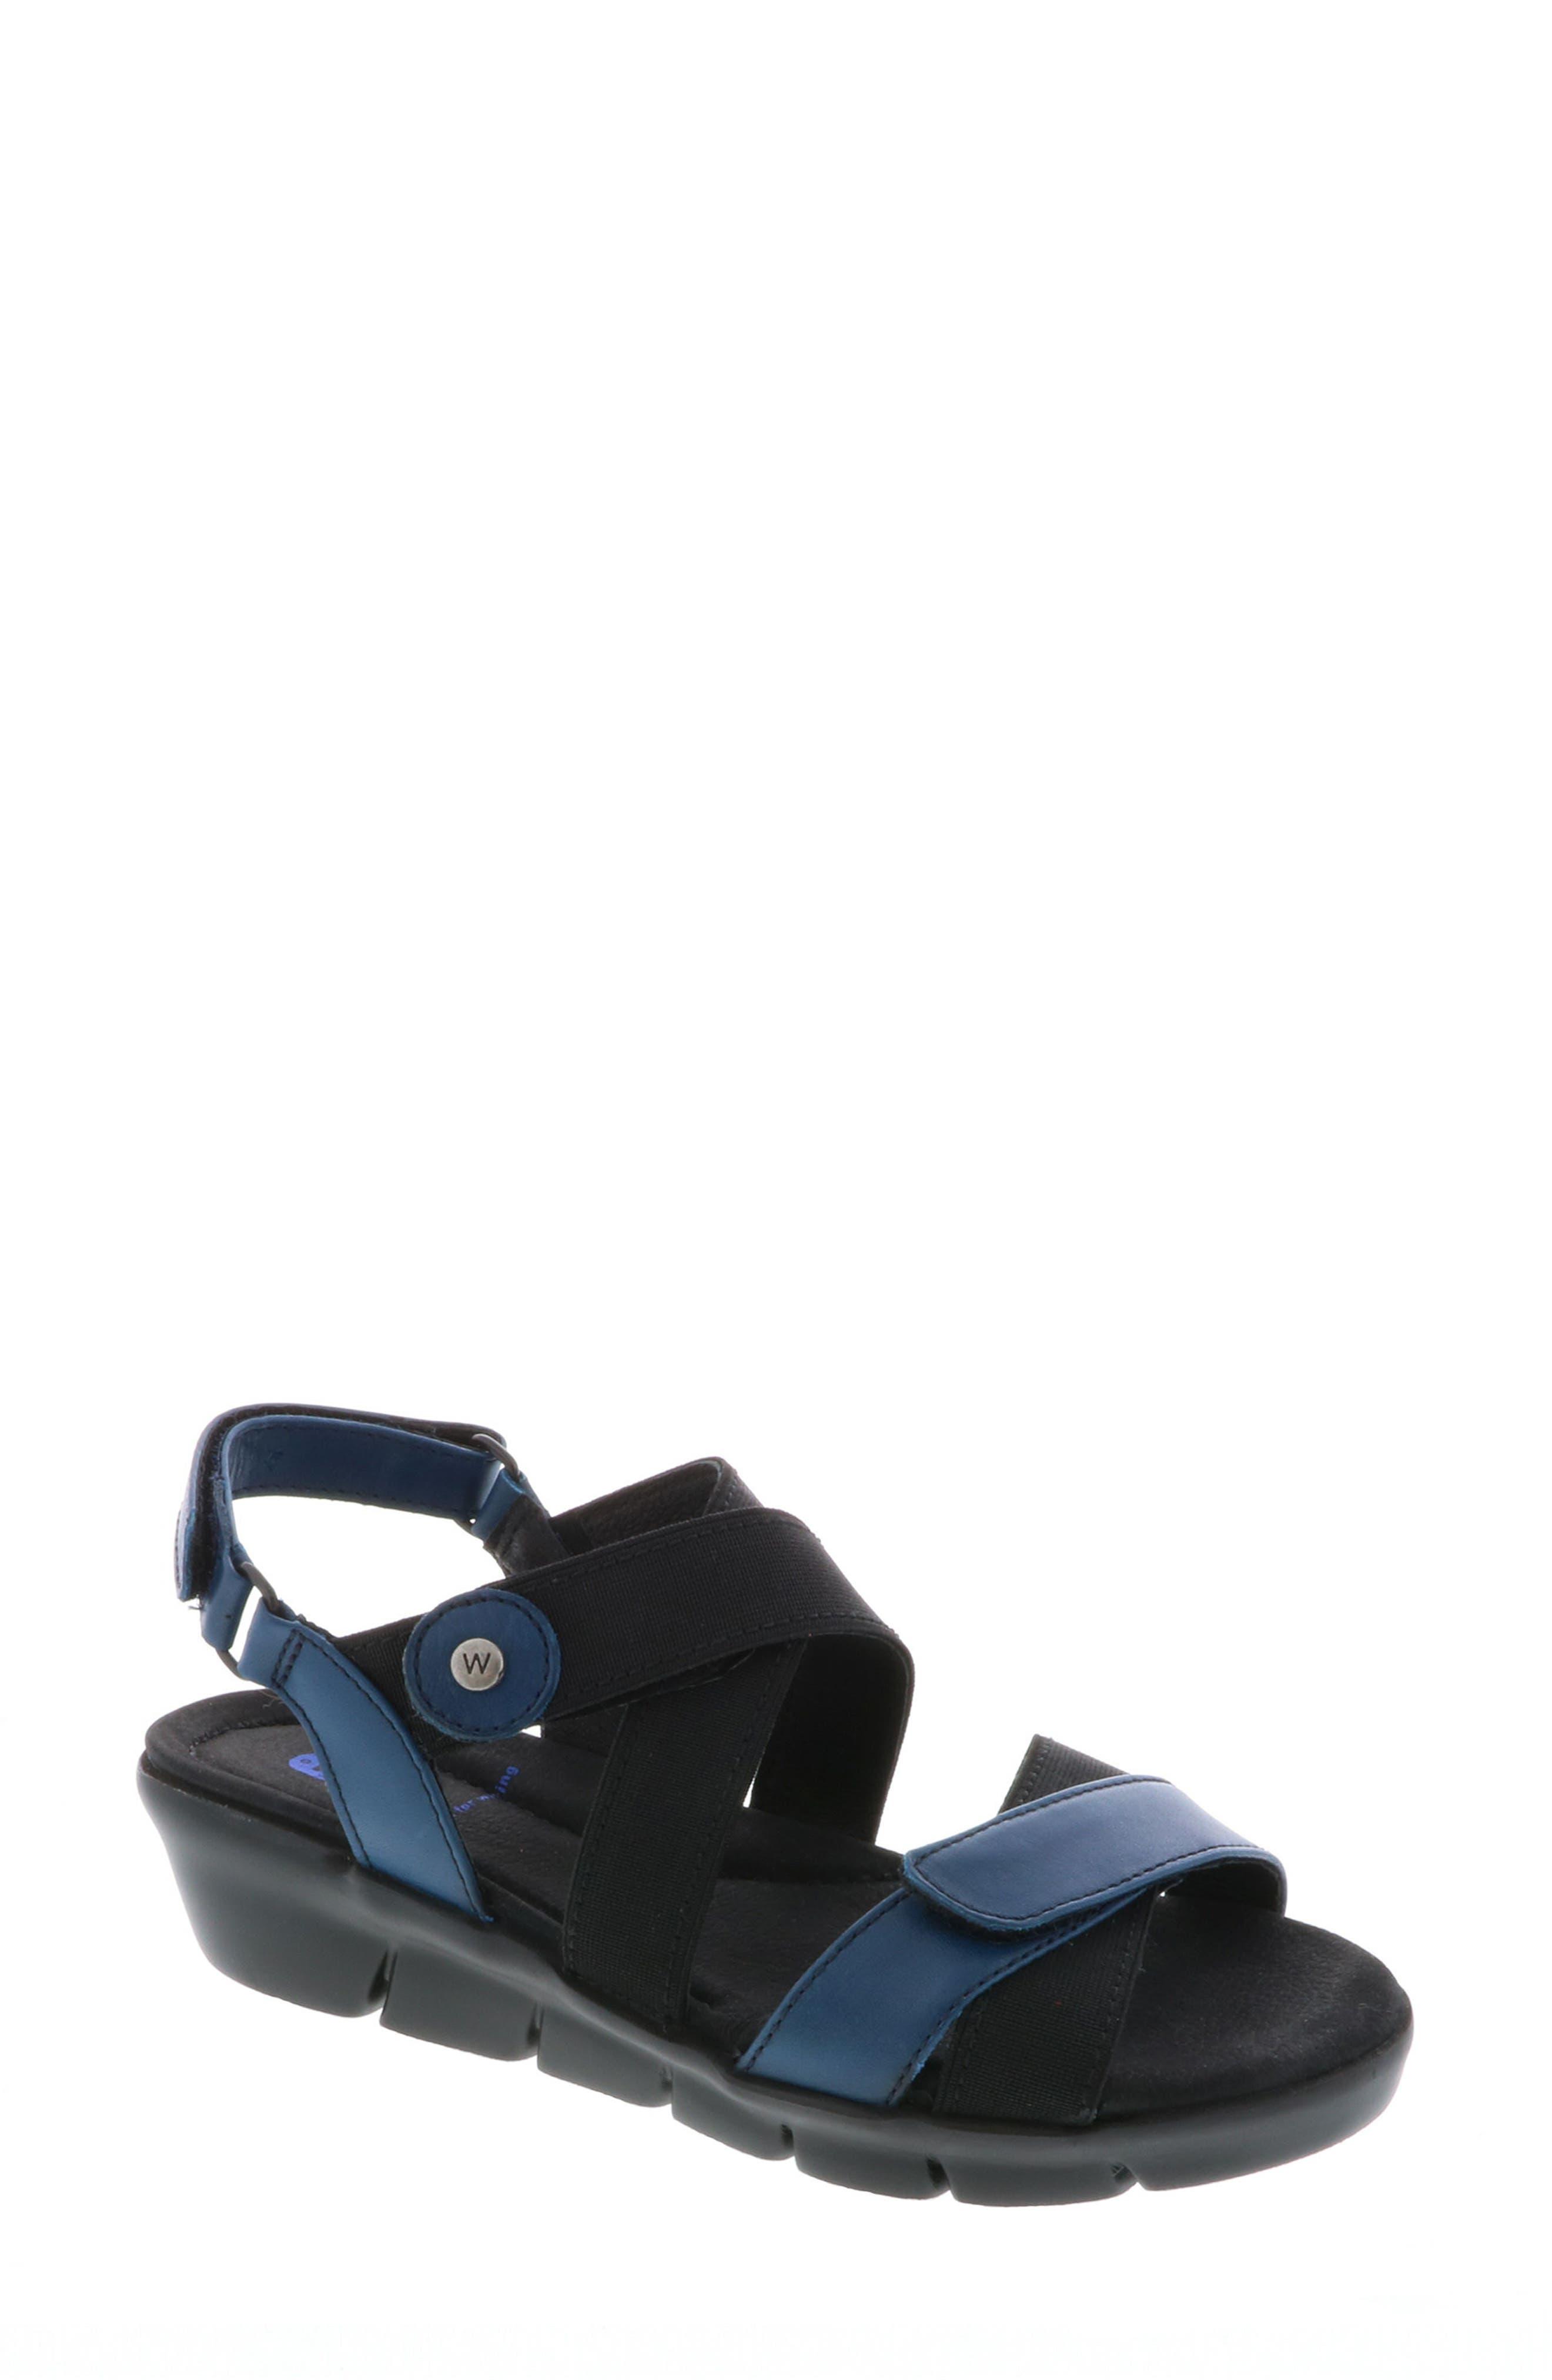 Electra Sandal,                             Main thumbnail 1, color,                             Blue Faux Leather